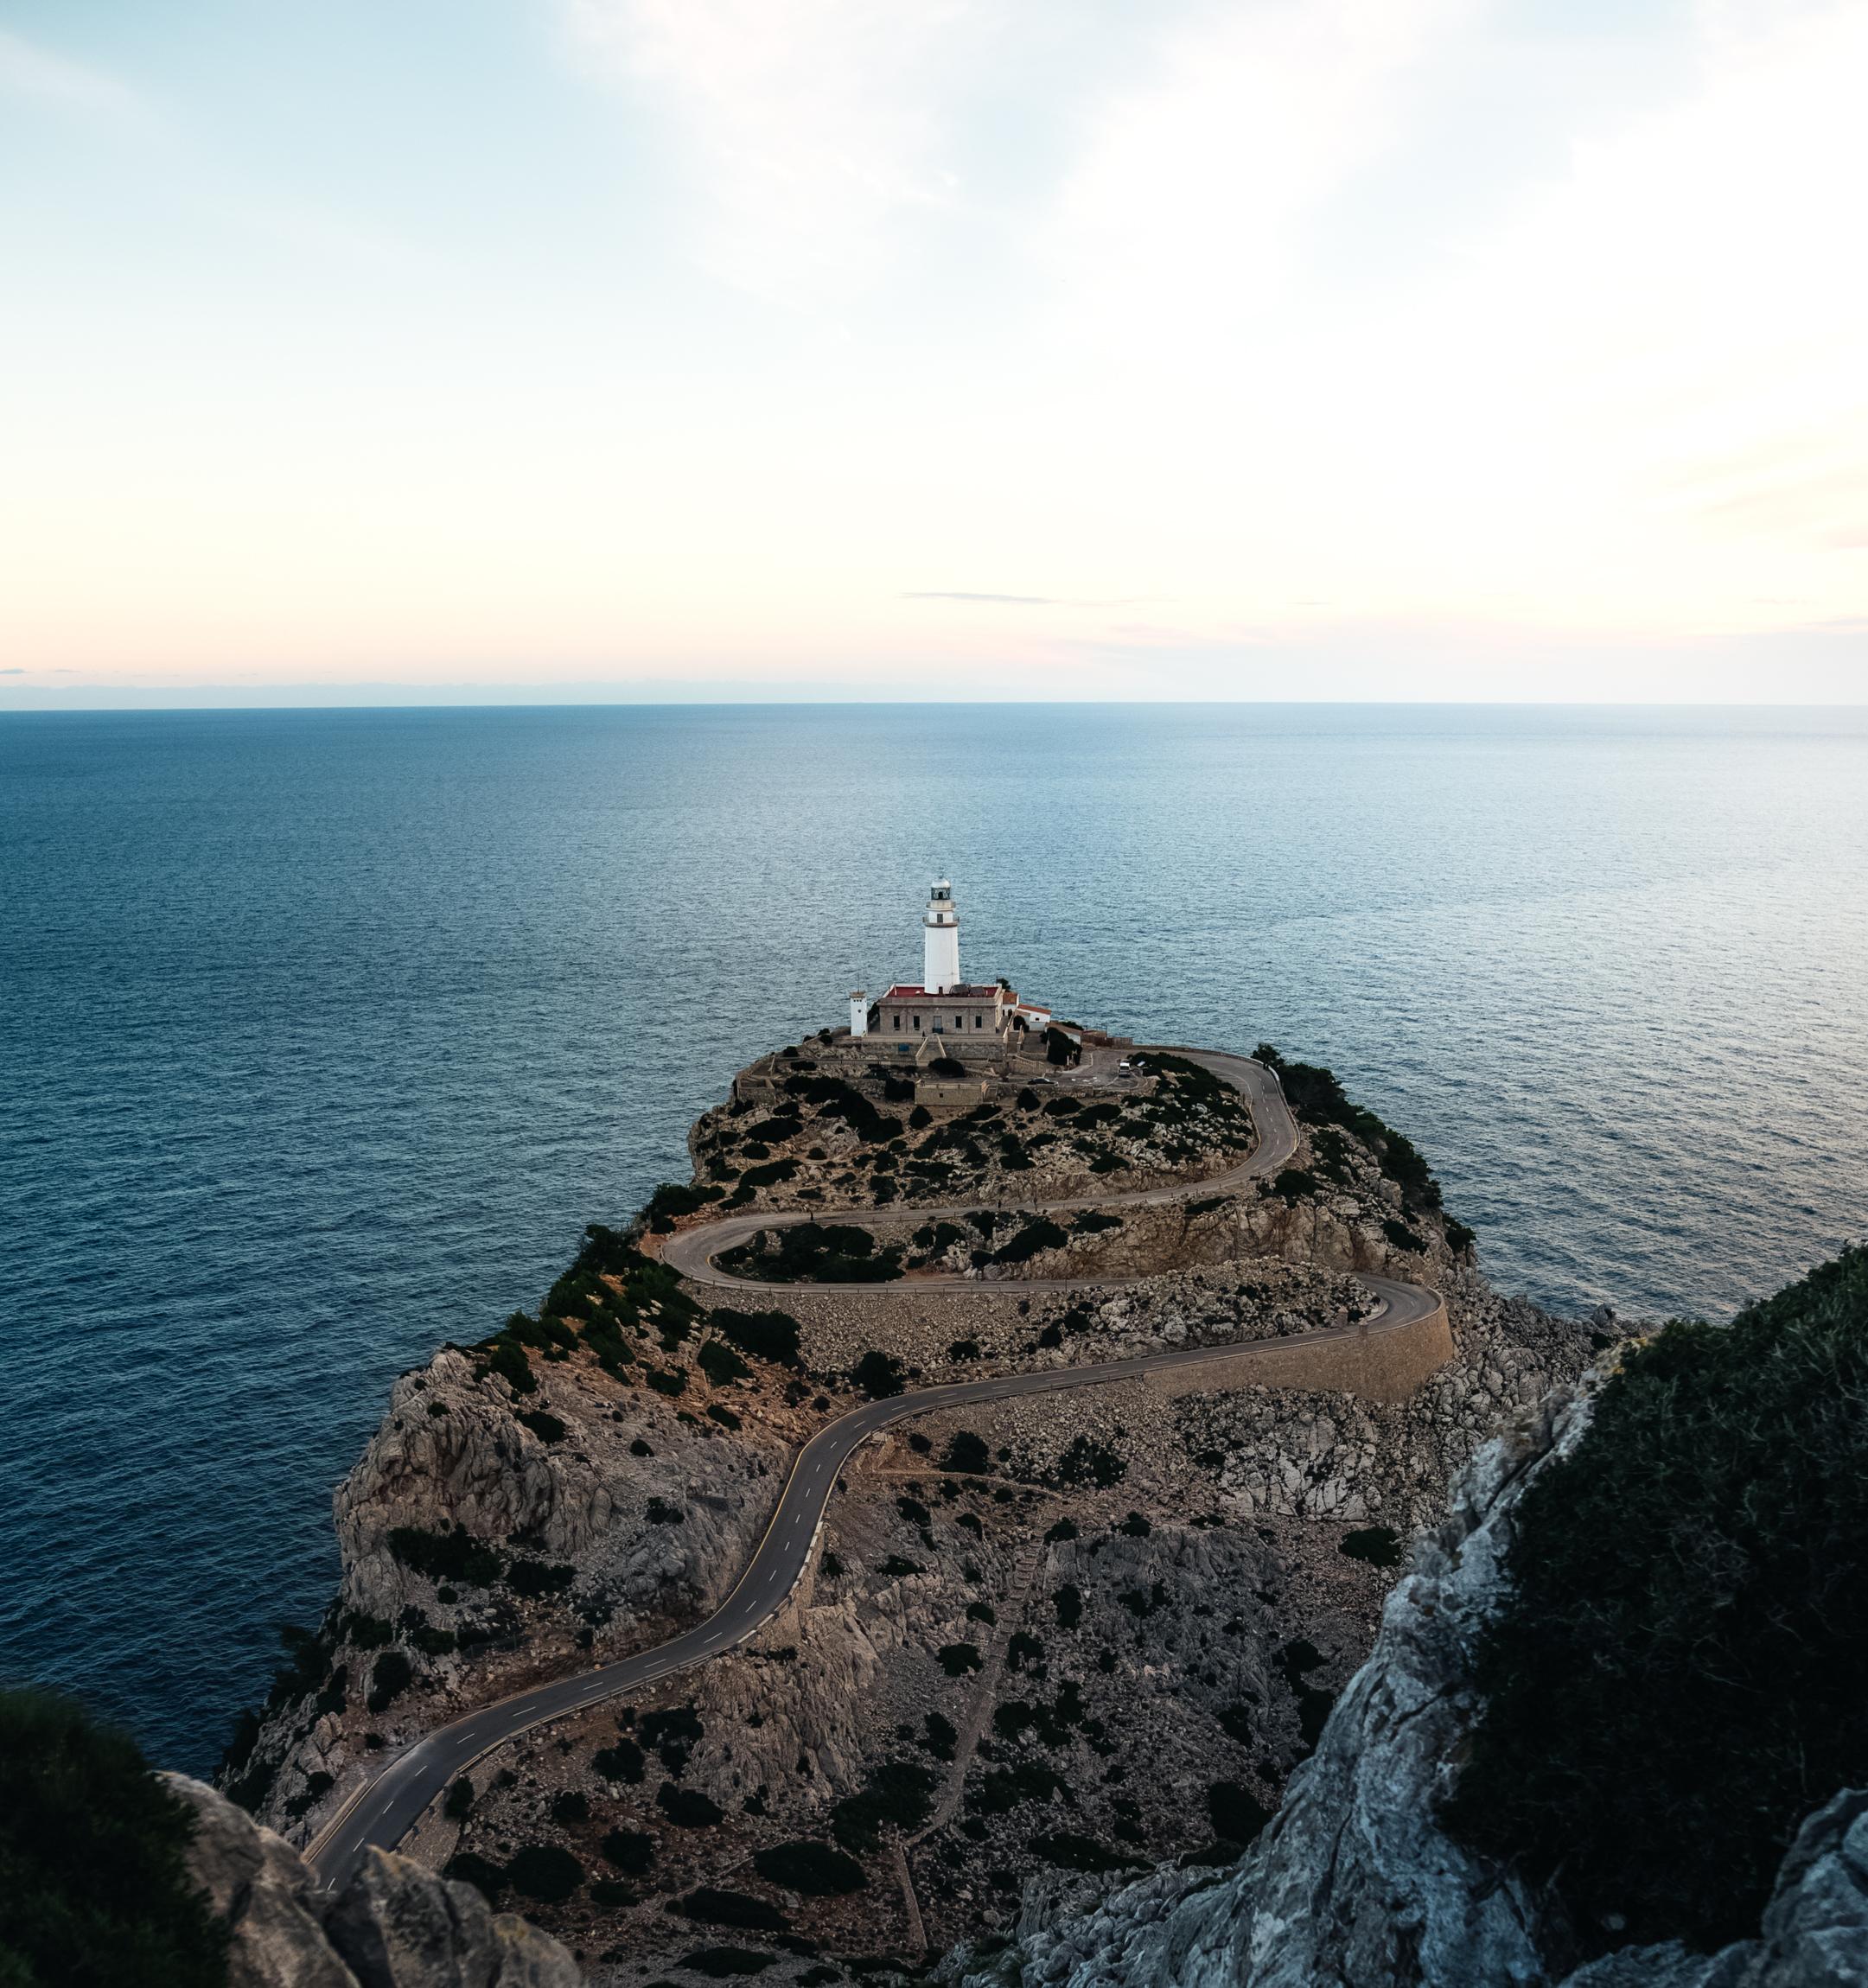 Cap Formentor - 39°57'41.2